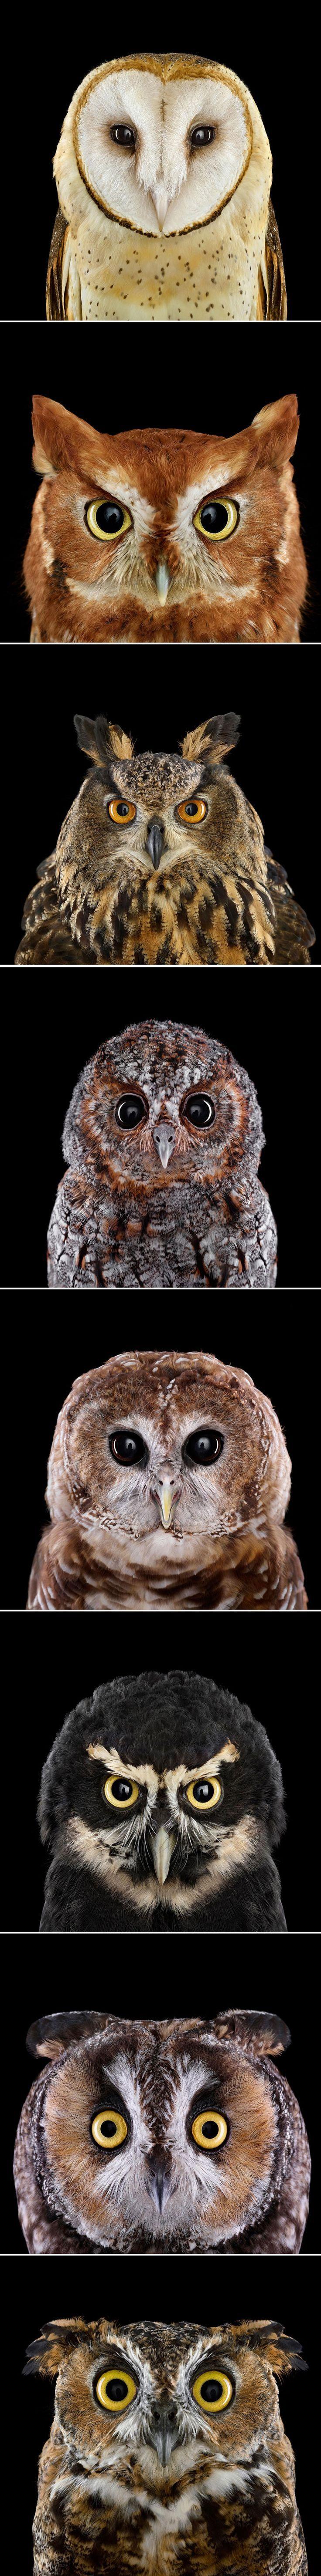 Quién es quién: Estos búhos pueden usar la misma cara del juego, pero cuando se trata de la personalidad, son tan diferentes como el día y la noche.